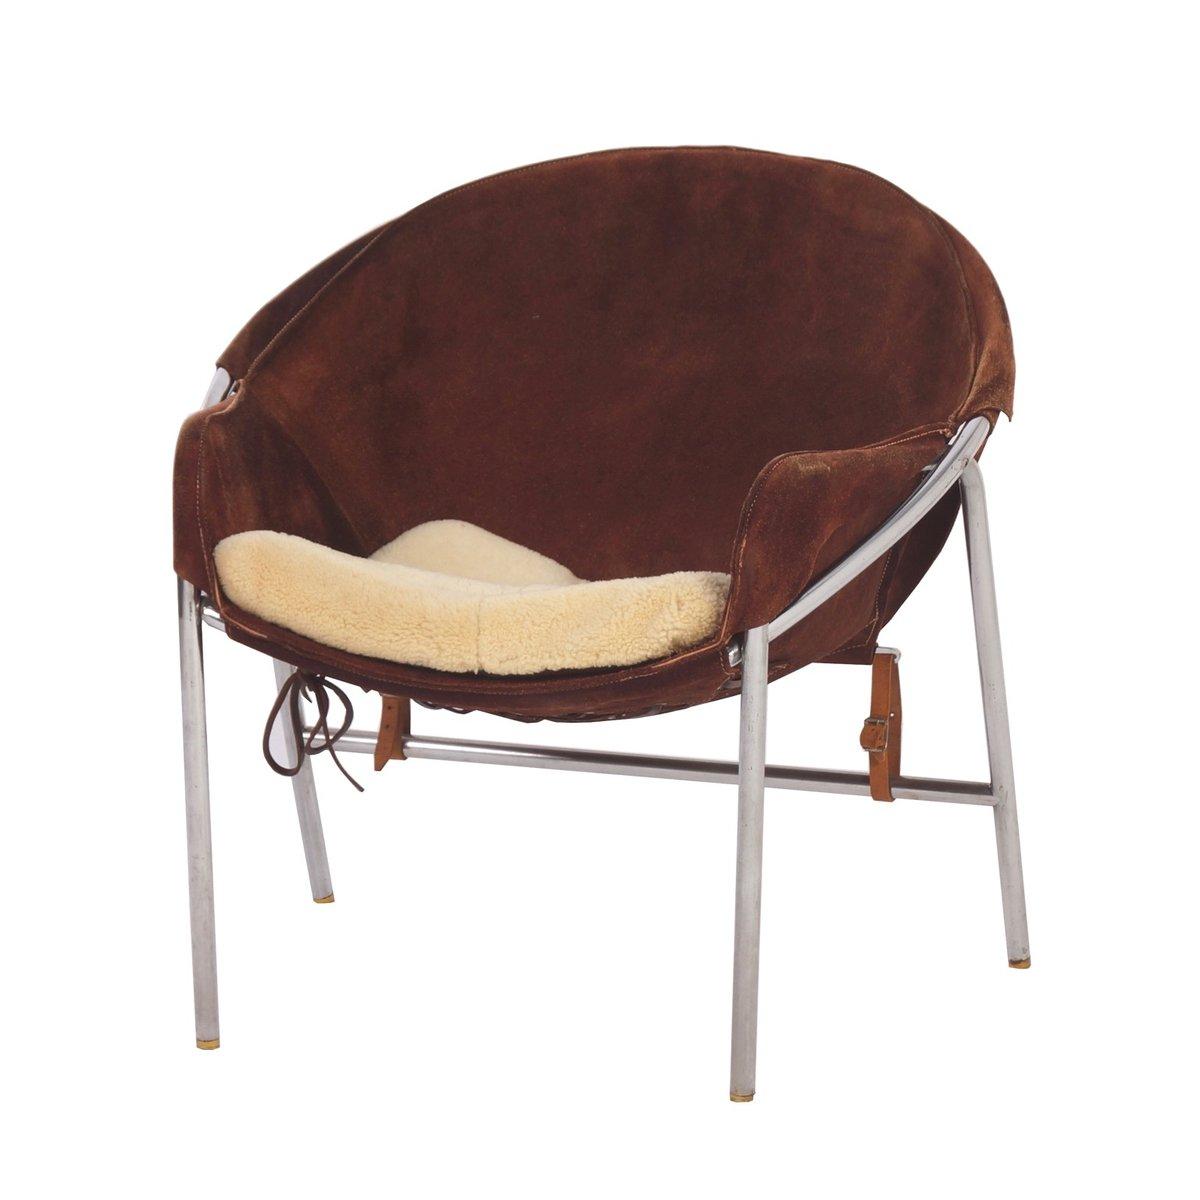 Danish Dark Brown Suede Sling Chair By Erik Jorgensen For Bovirke 1950s